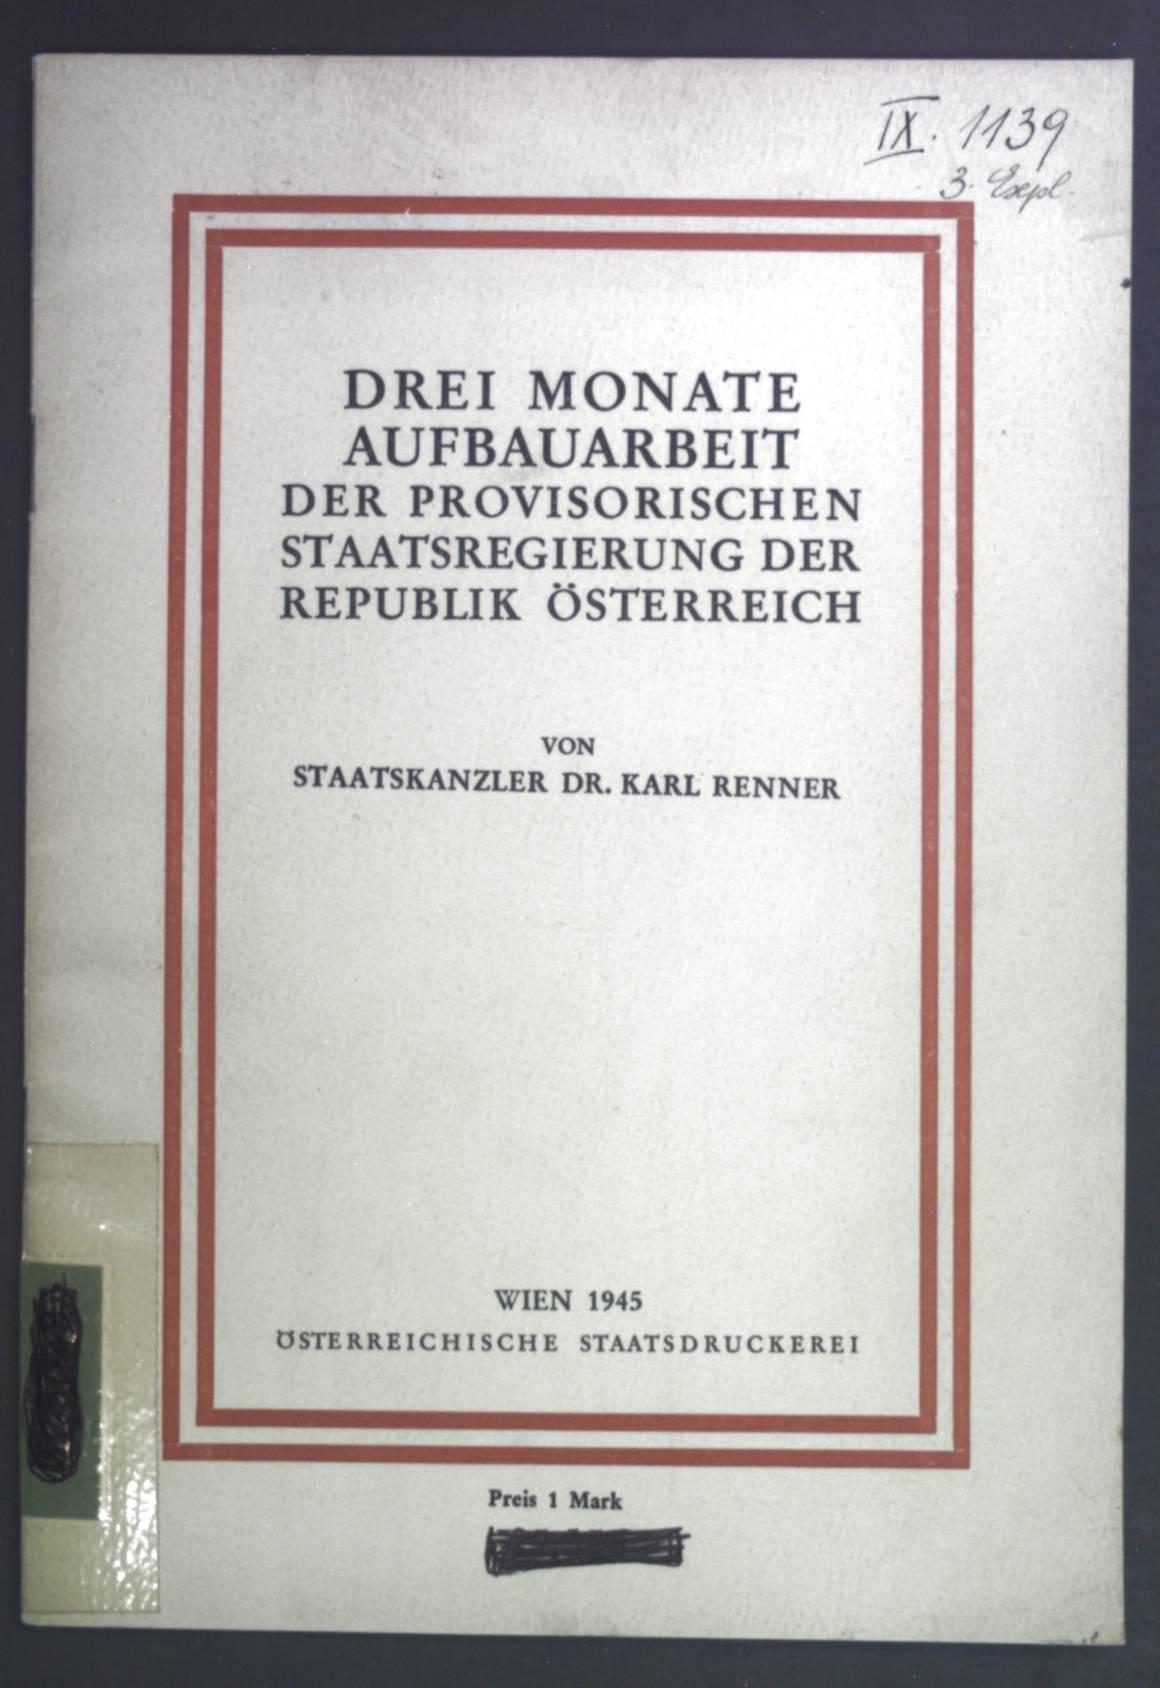 Drei Monate Aufbauarbeit der provisorischen Staatsregierung der: Renner, Karl: